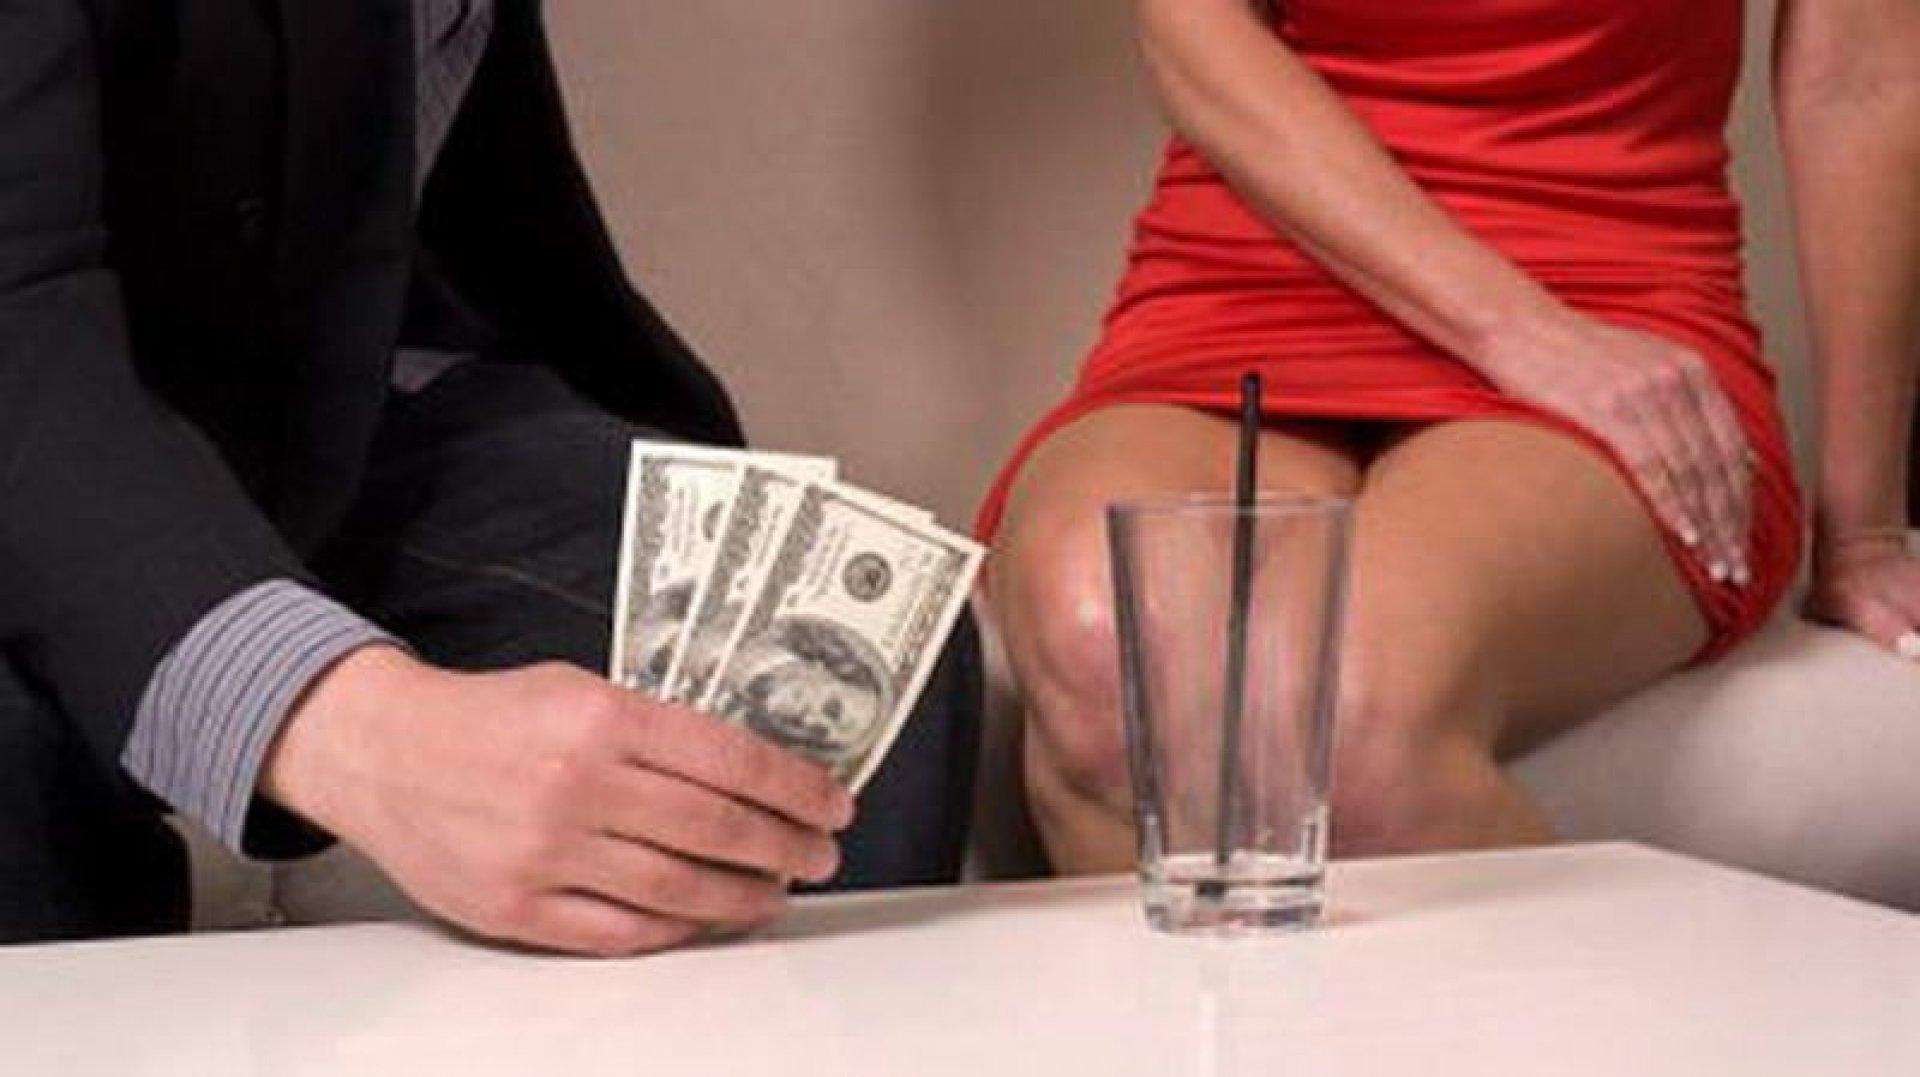 последние, шлюхи голливуда съем за деньги гуляли что обсуждали